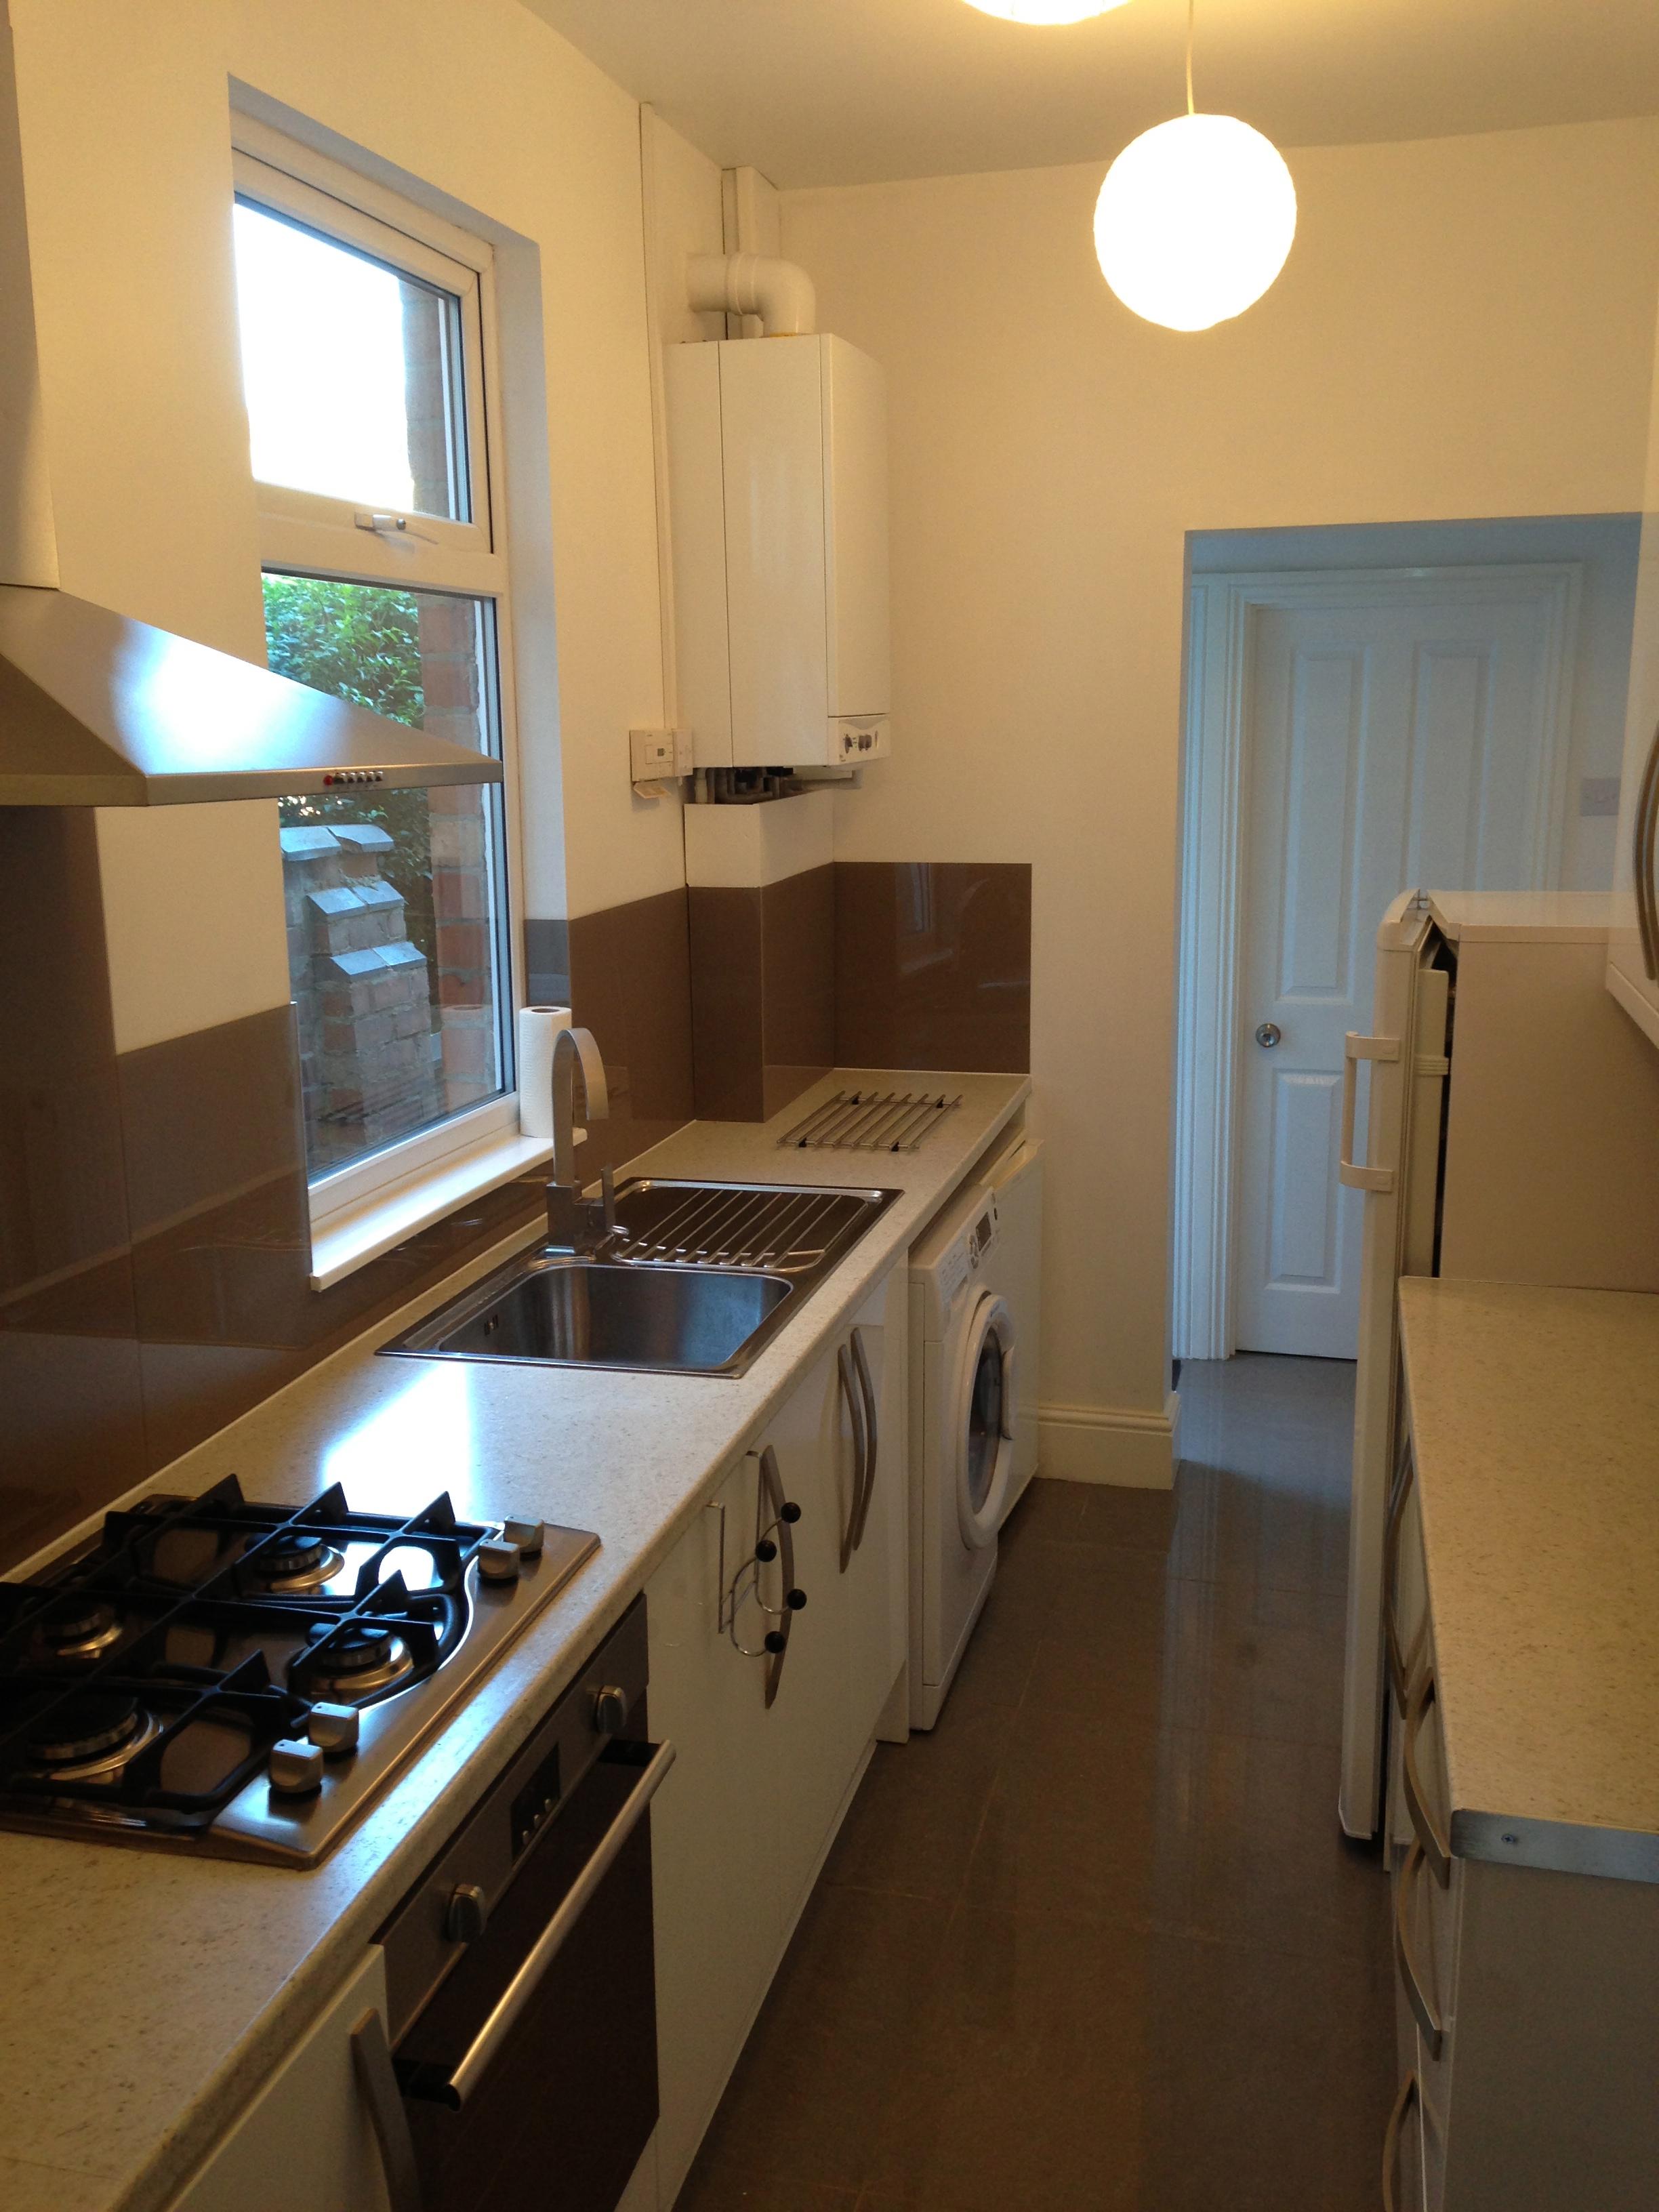 Designer Kitchen - Let House